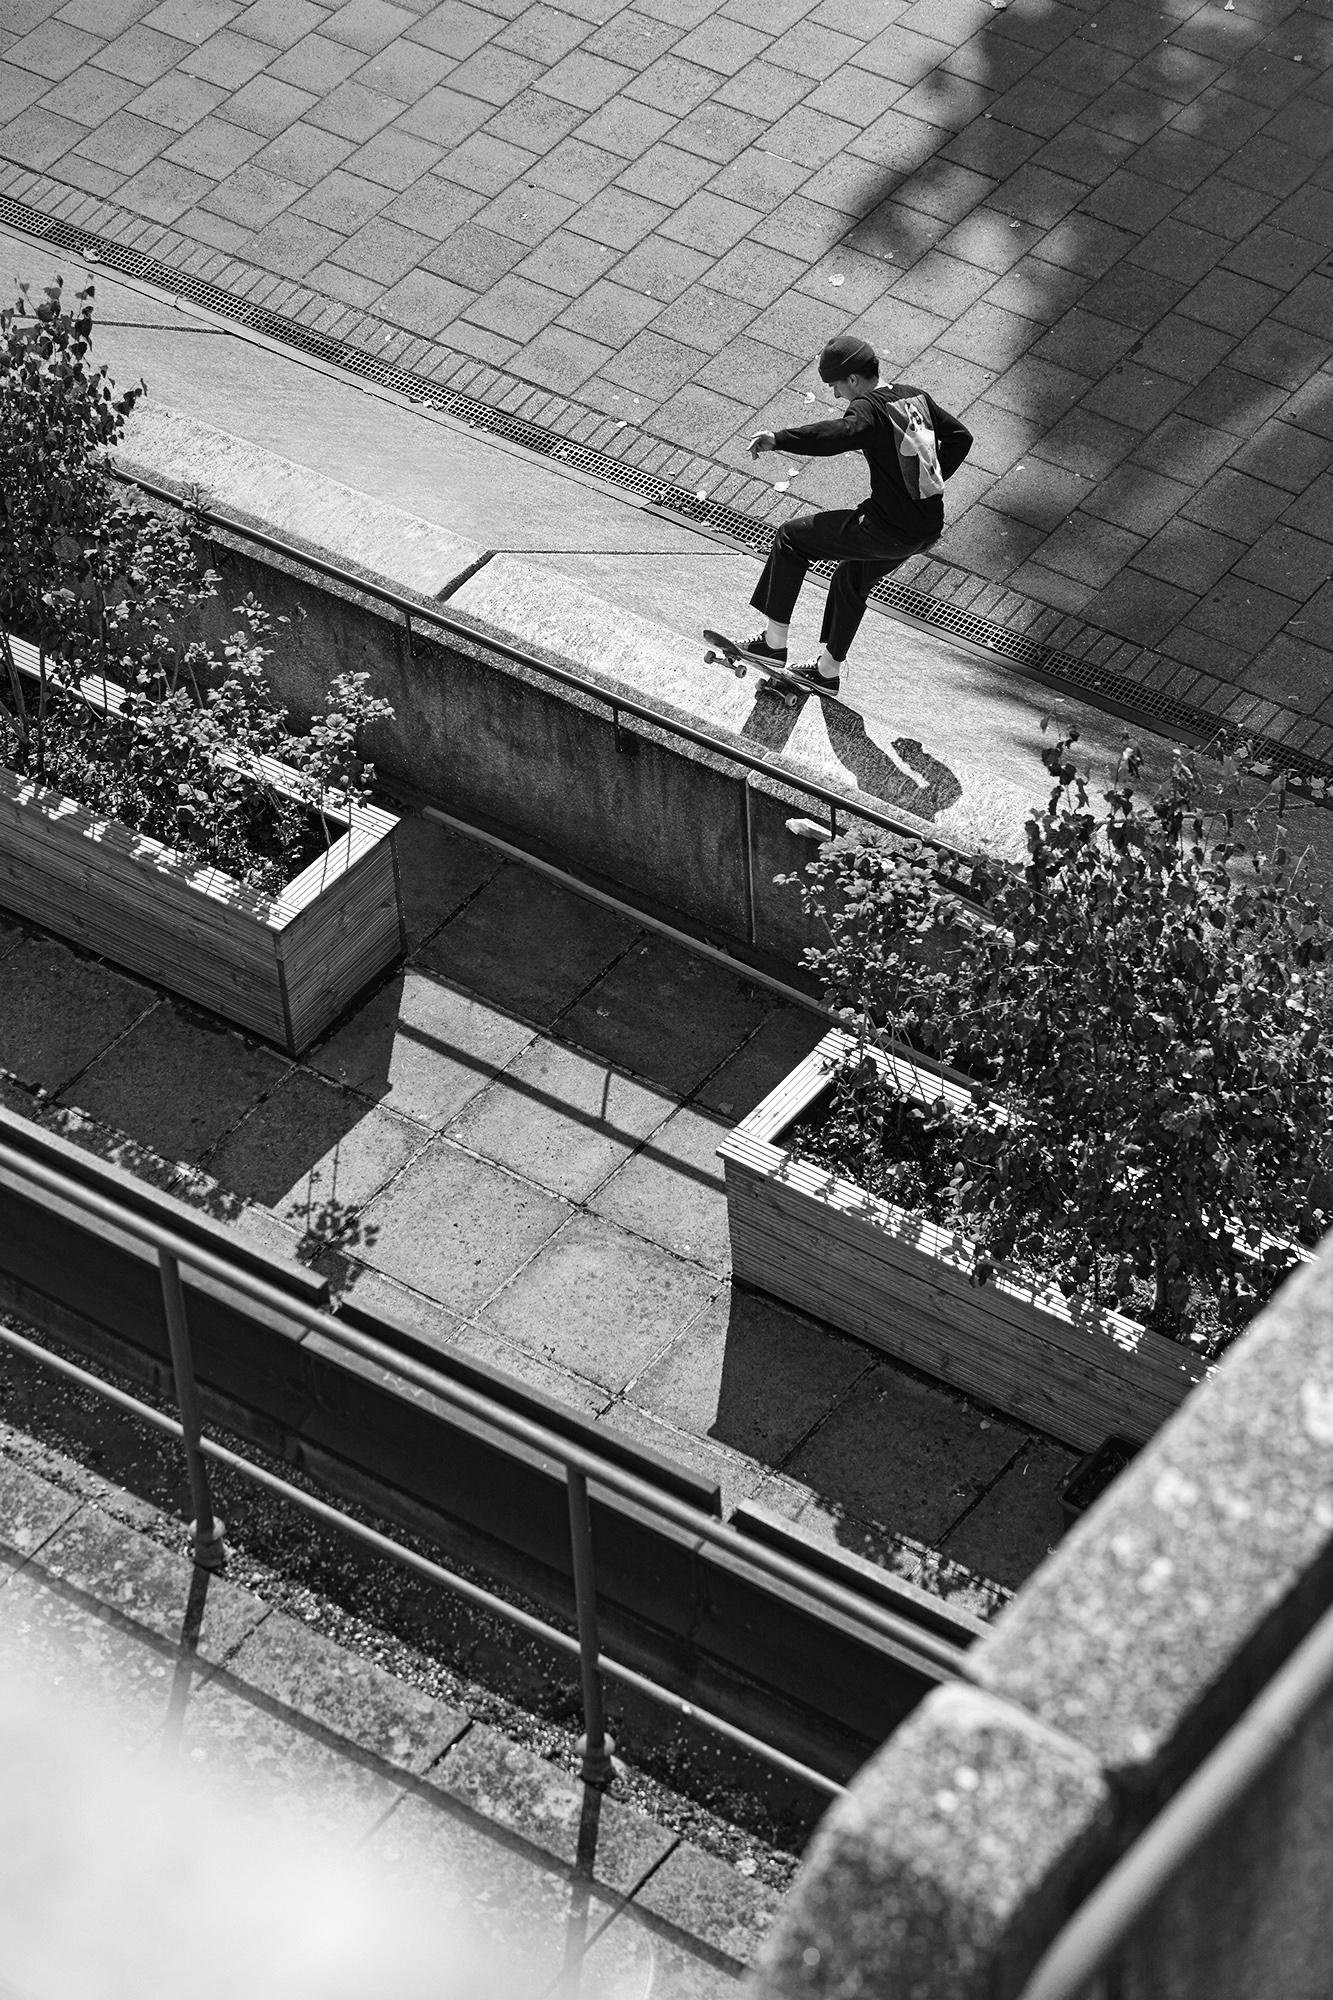 Jasper Pegg | Switch Blunt Revert